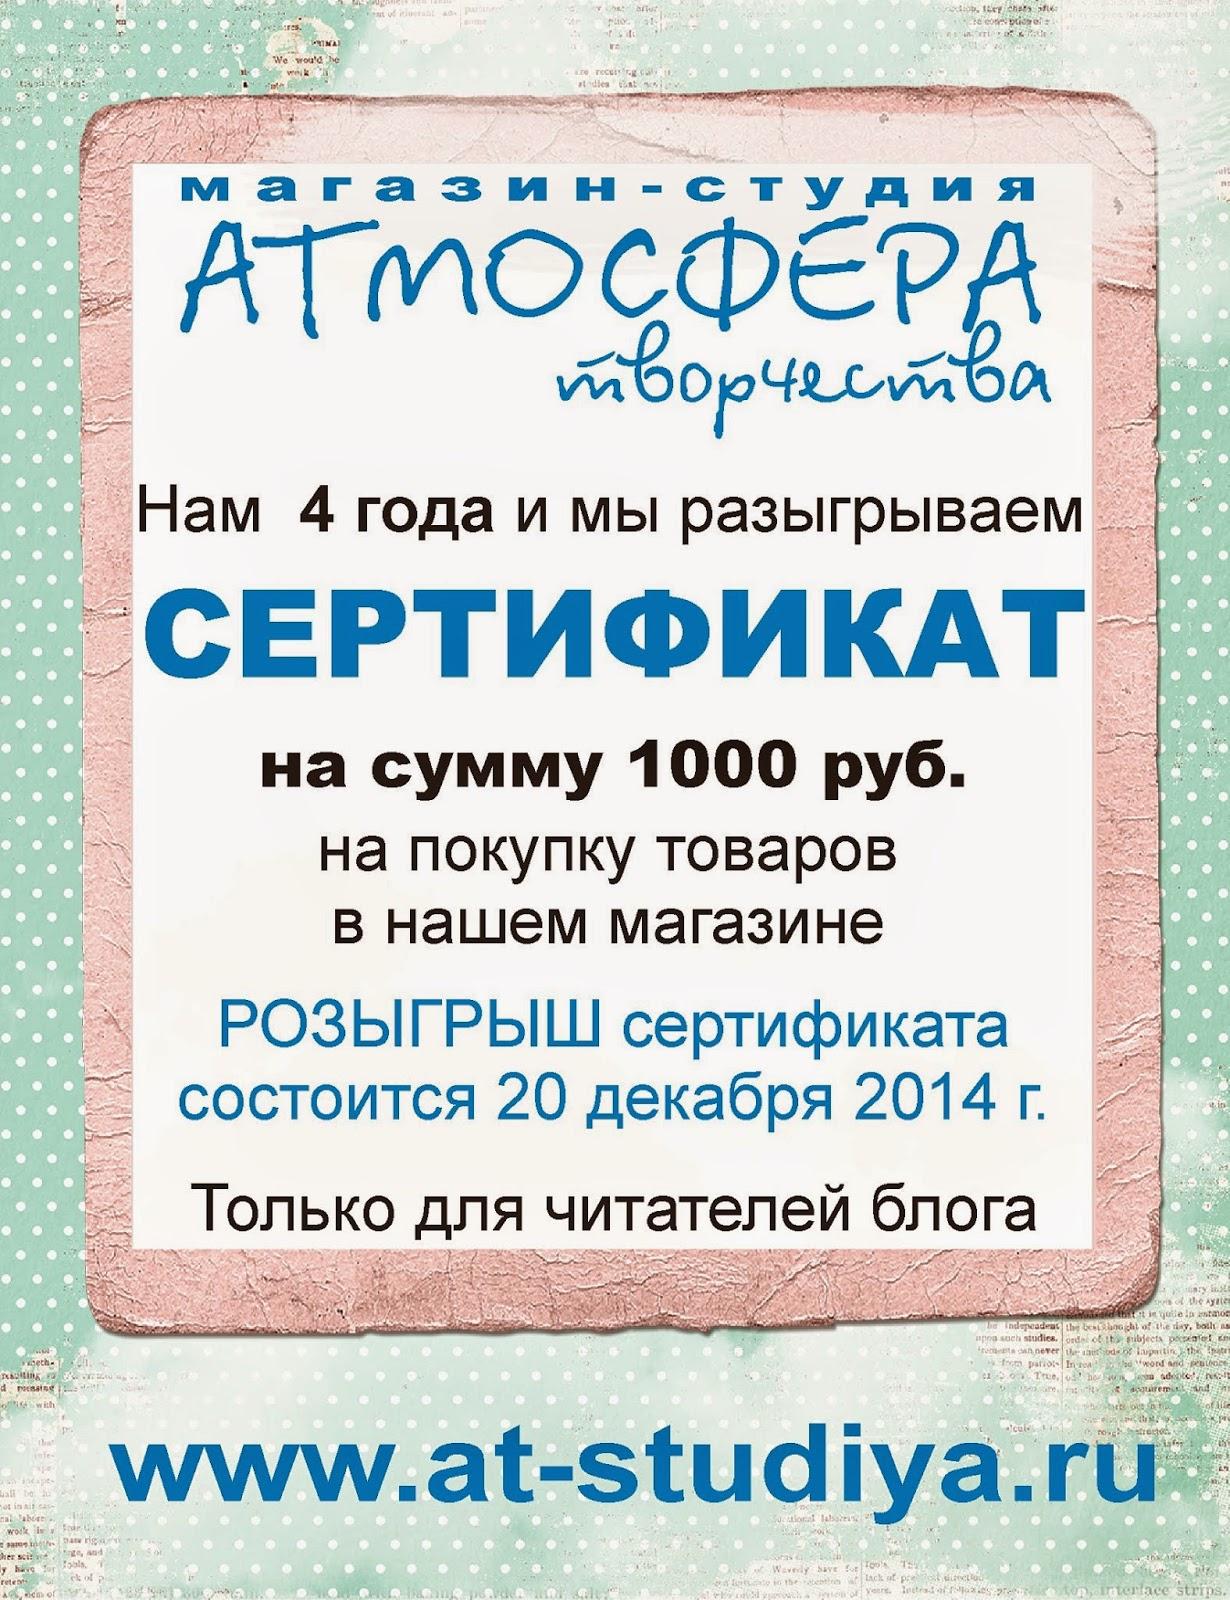 Конфета-сертификат  до 20 декабря